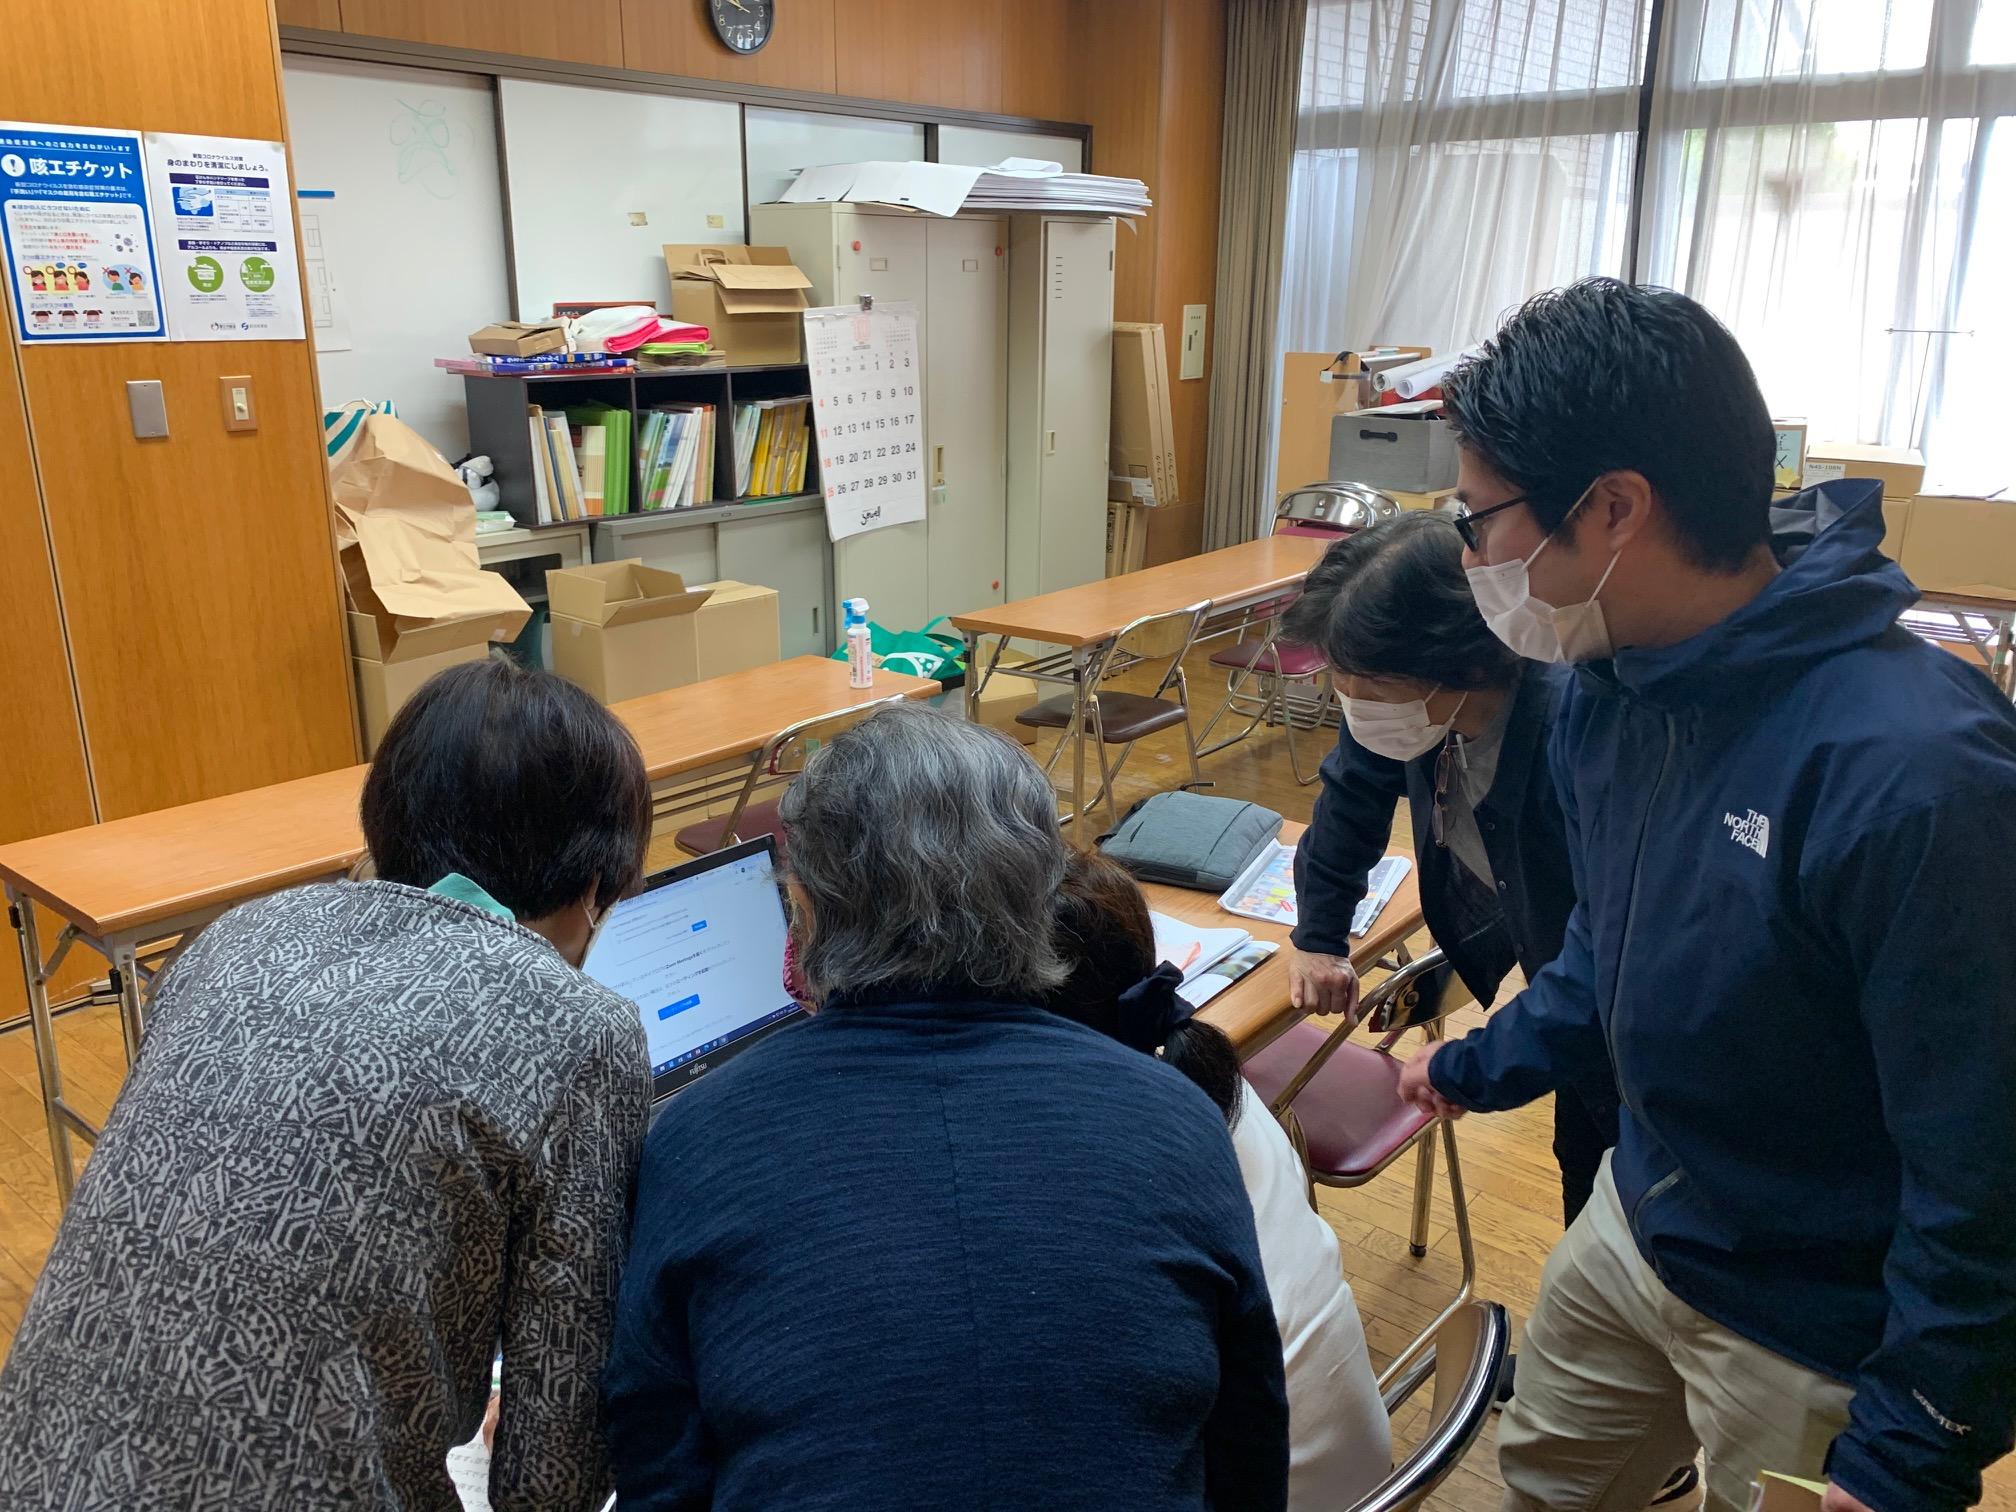 京都市下京区社会福祉協議会様でZOOM講座を行いました。